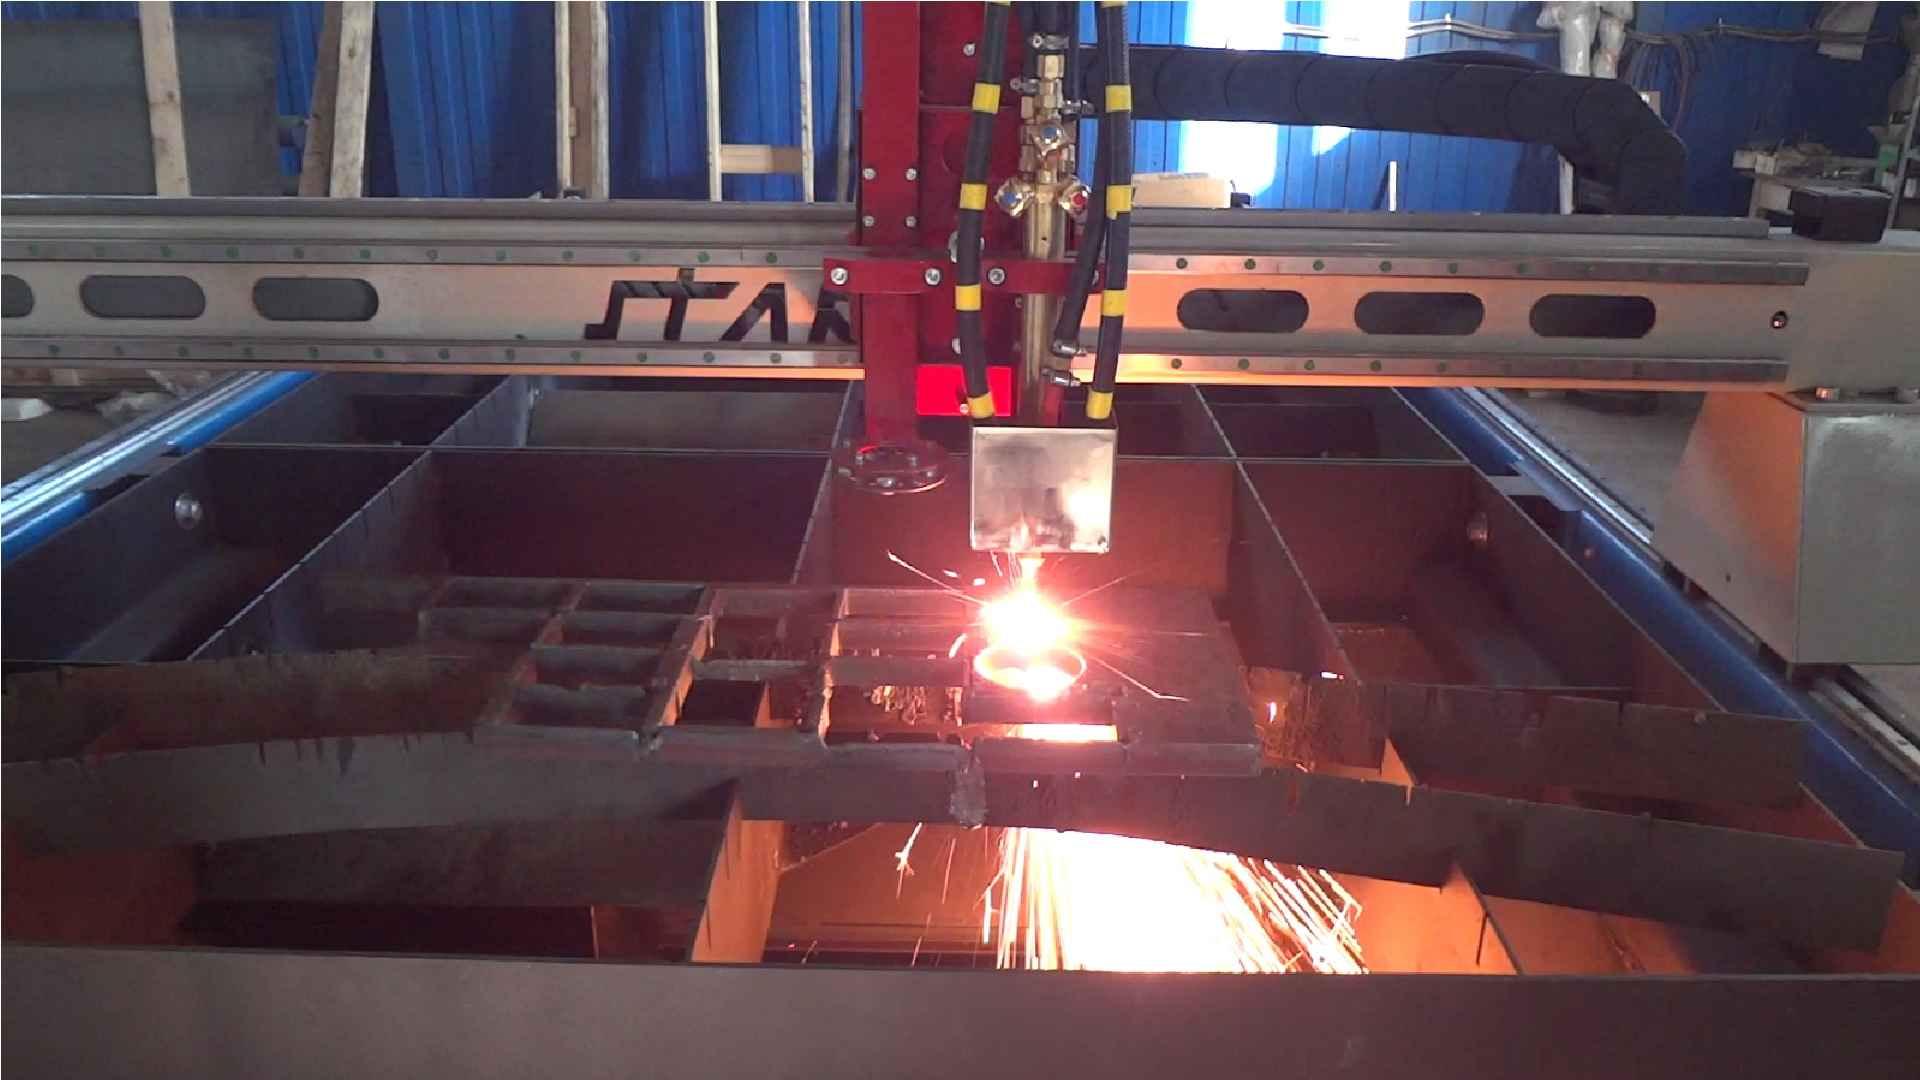 Станок «Старт-2» с ЧПУ для термической резки металла смесью горючего газа и кислорода. Ист. http://stanki-tvm.ru/produkciya/stanki-gazovoy-rezki-s-chpu.